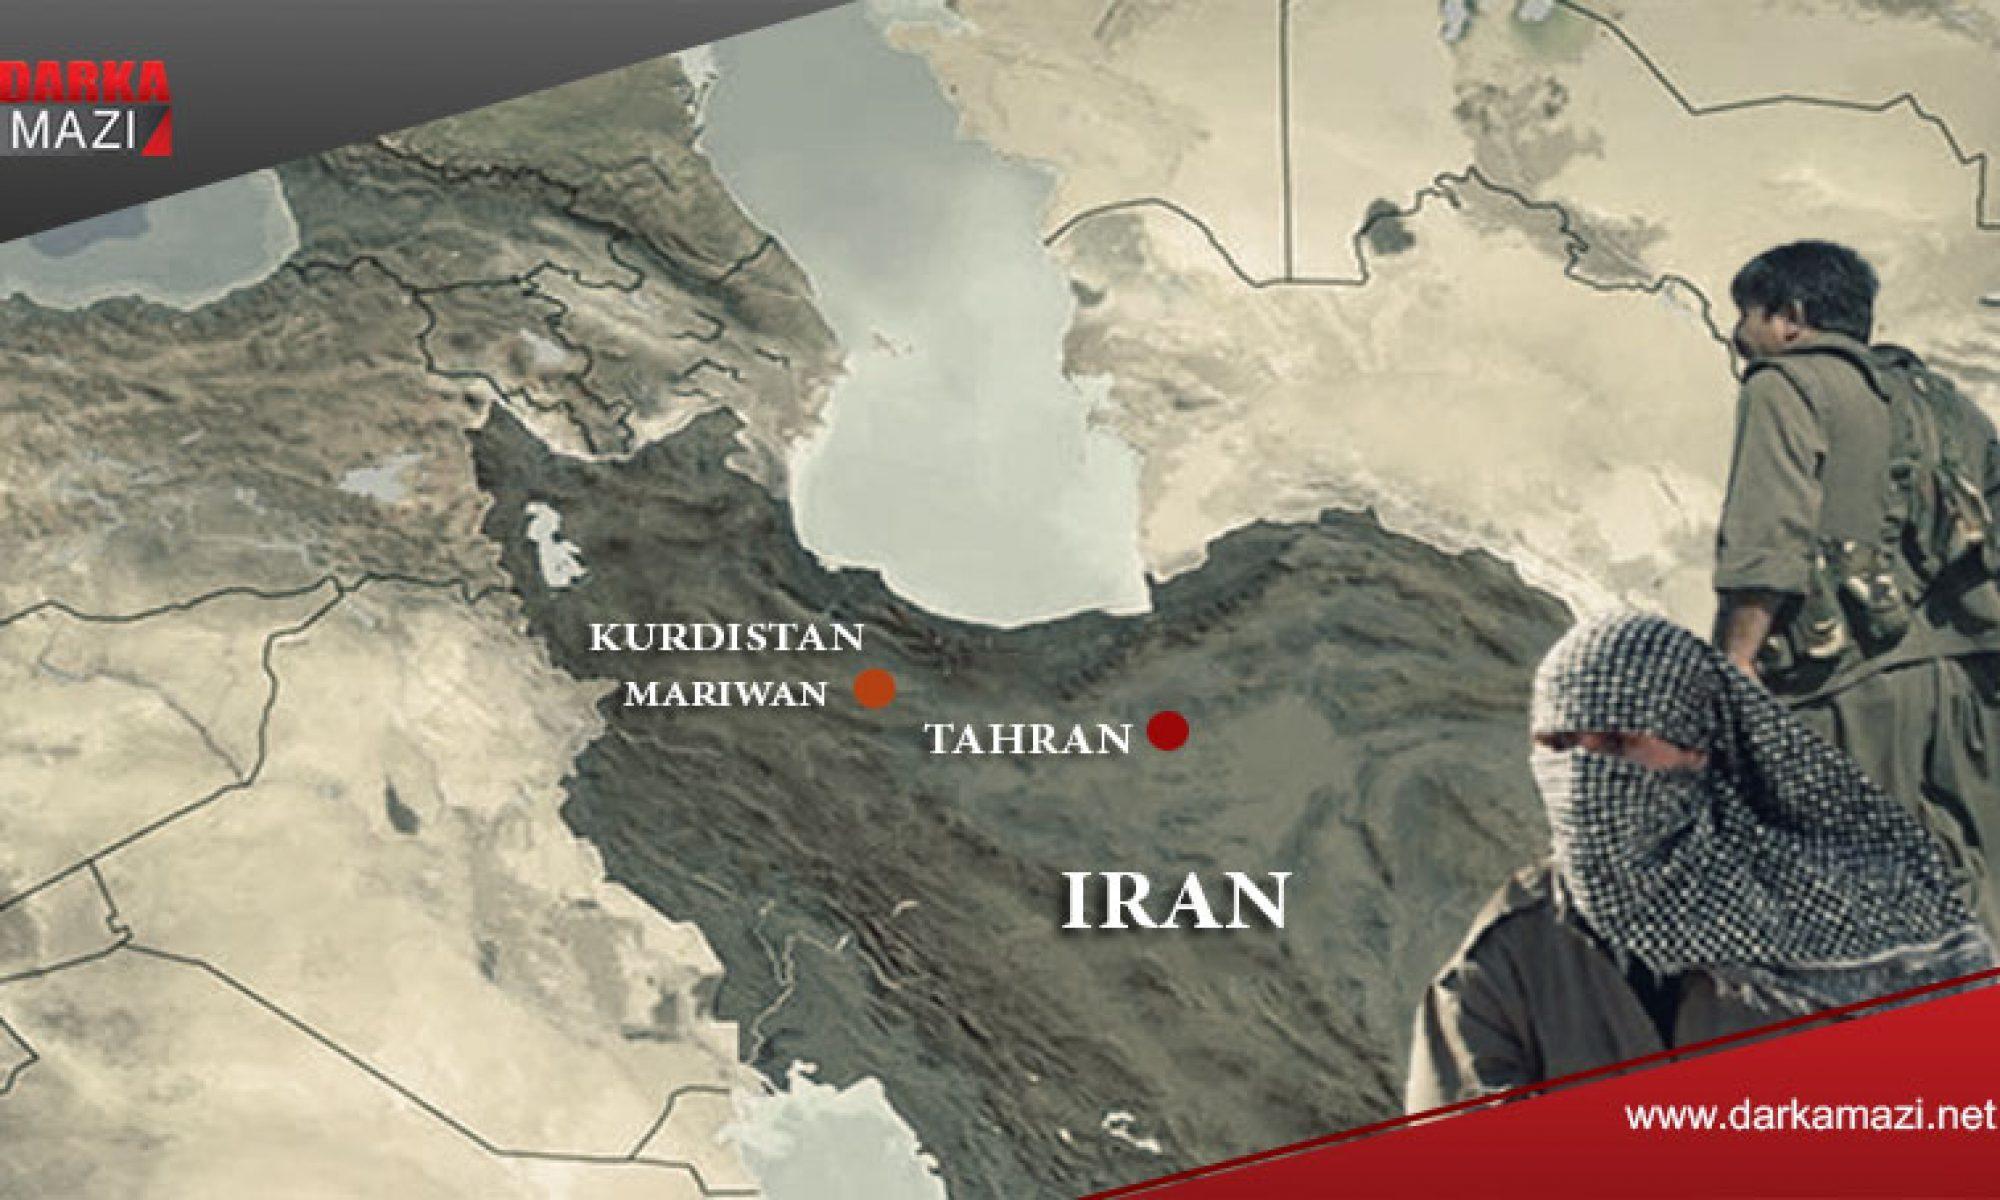 Dr. Berwari: PKK'nin önümüzdeki dönemde Kürdistan Bölgesin'de daha fazla istikrarsızlığa sebep olması bekleniyor